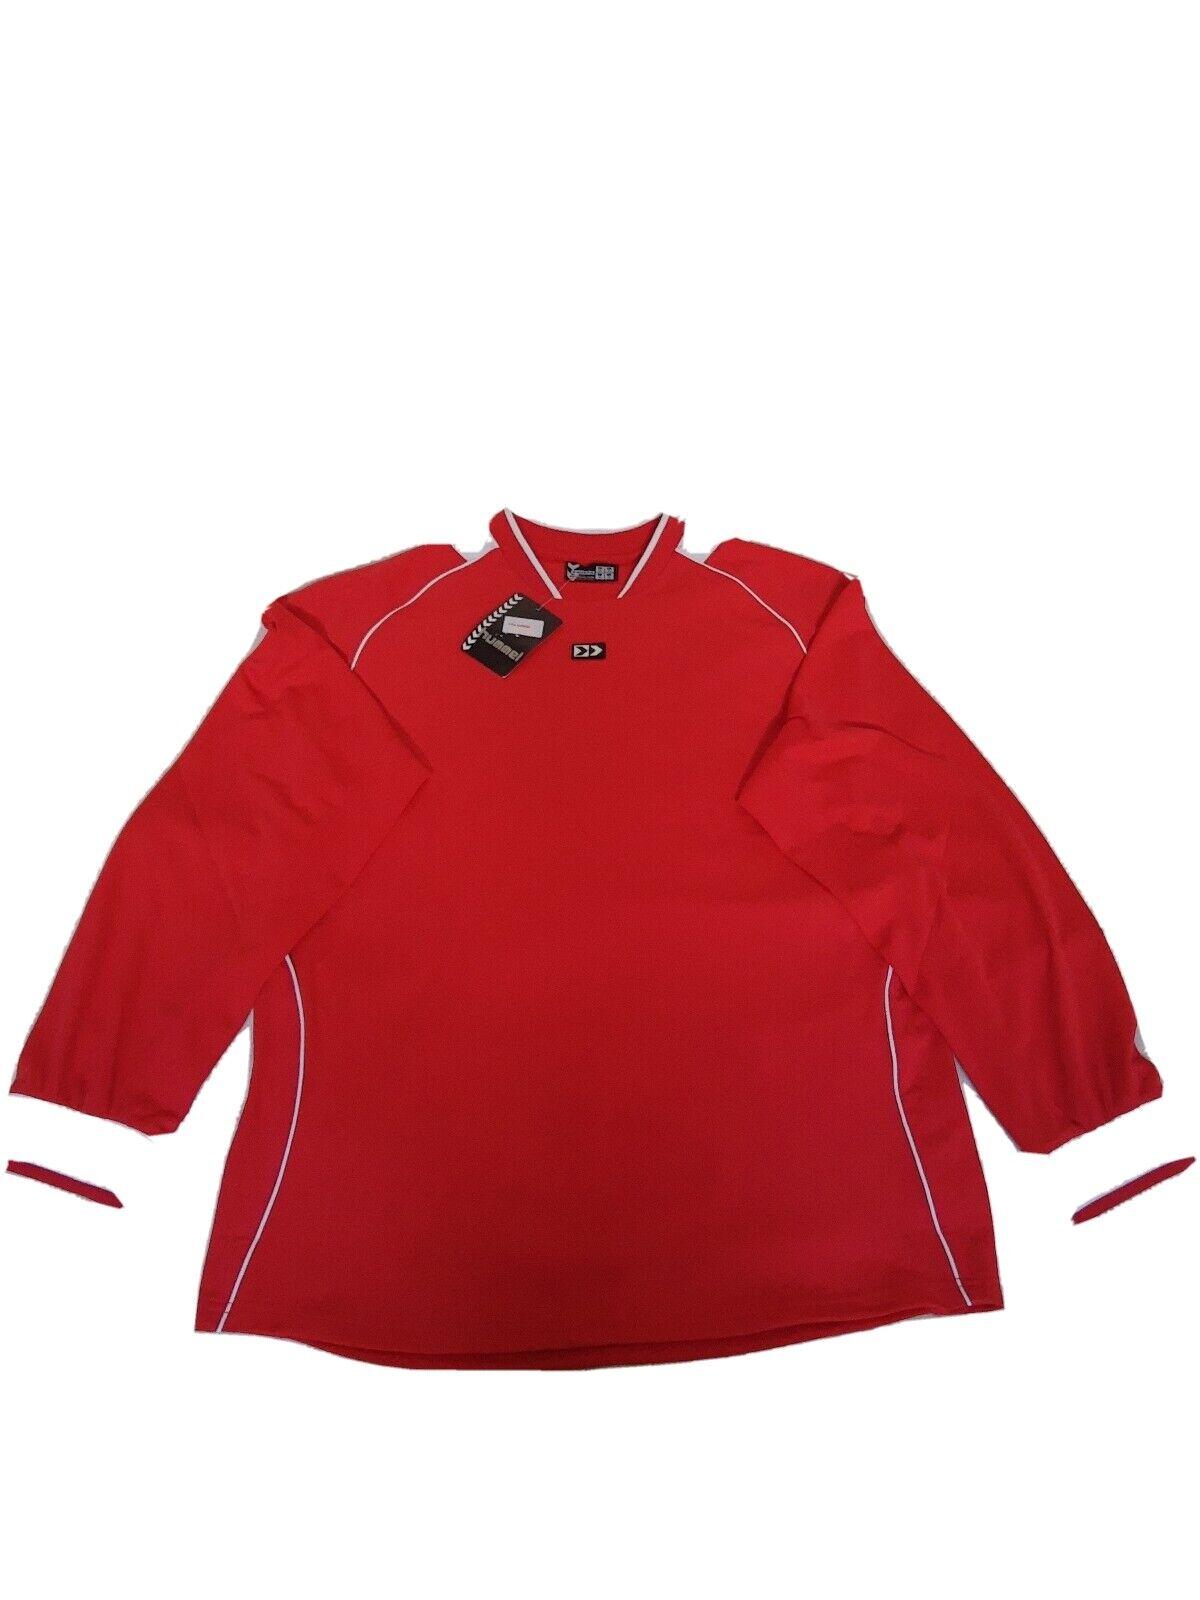 Hummel Red Football Training Sport Active Wear Long Sleeve T-Shirt XL BNWT